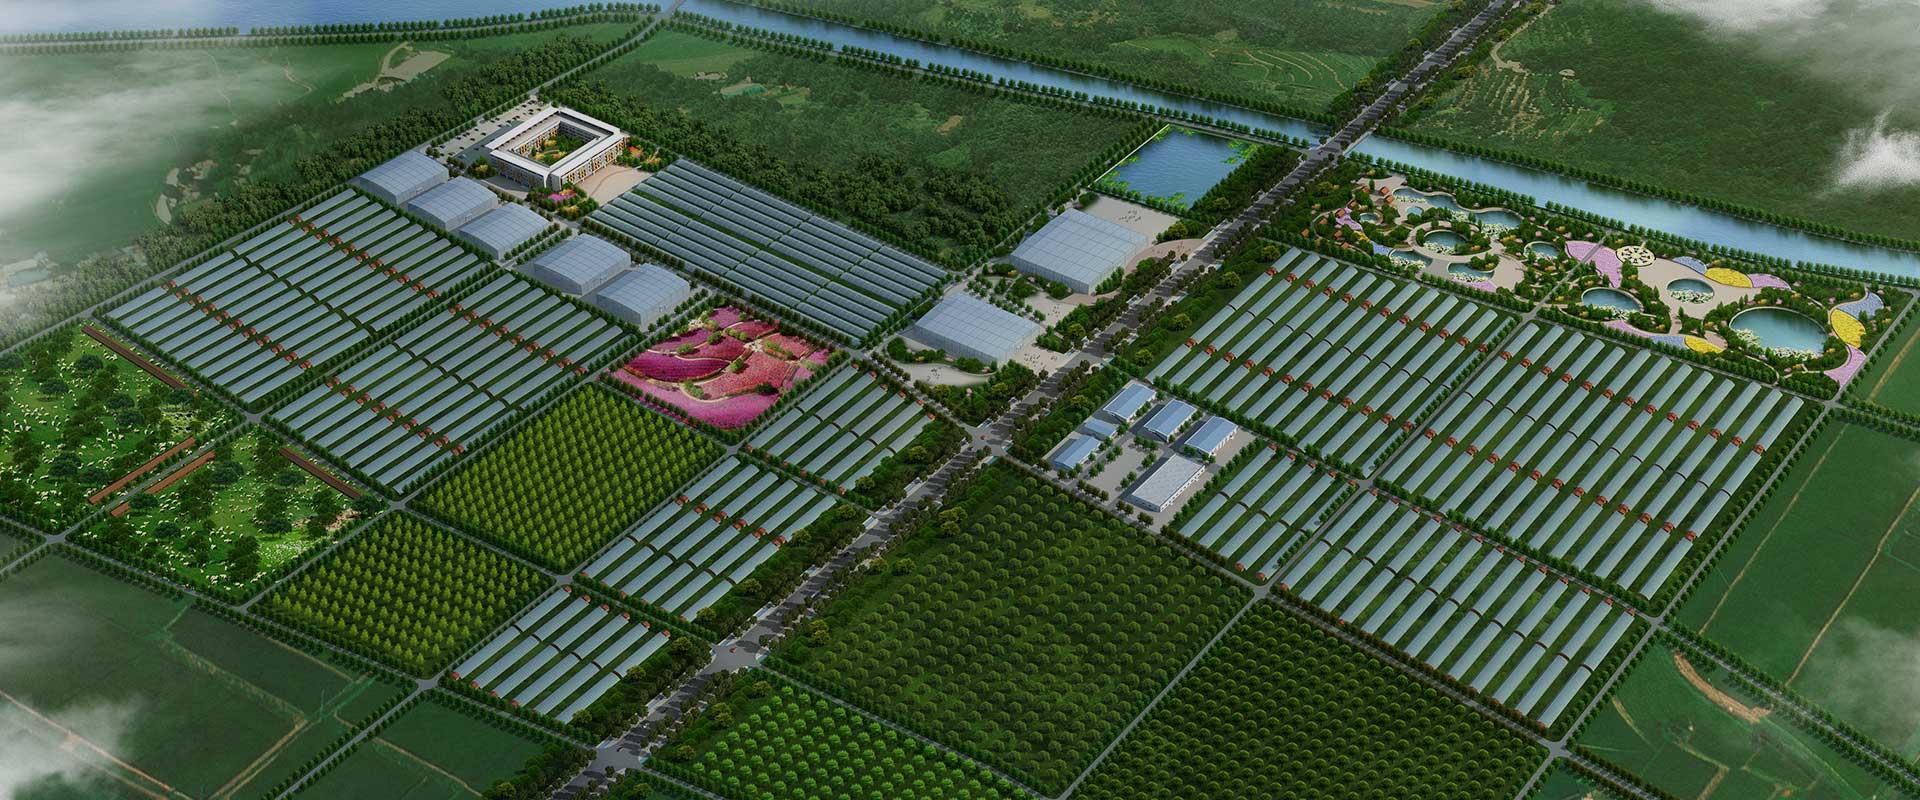 兰考现代农业产业示范园总体规划